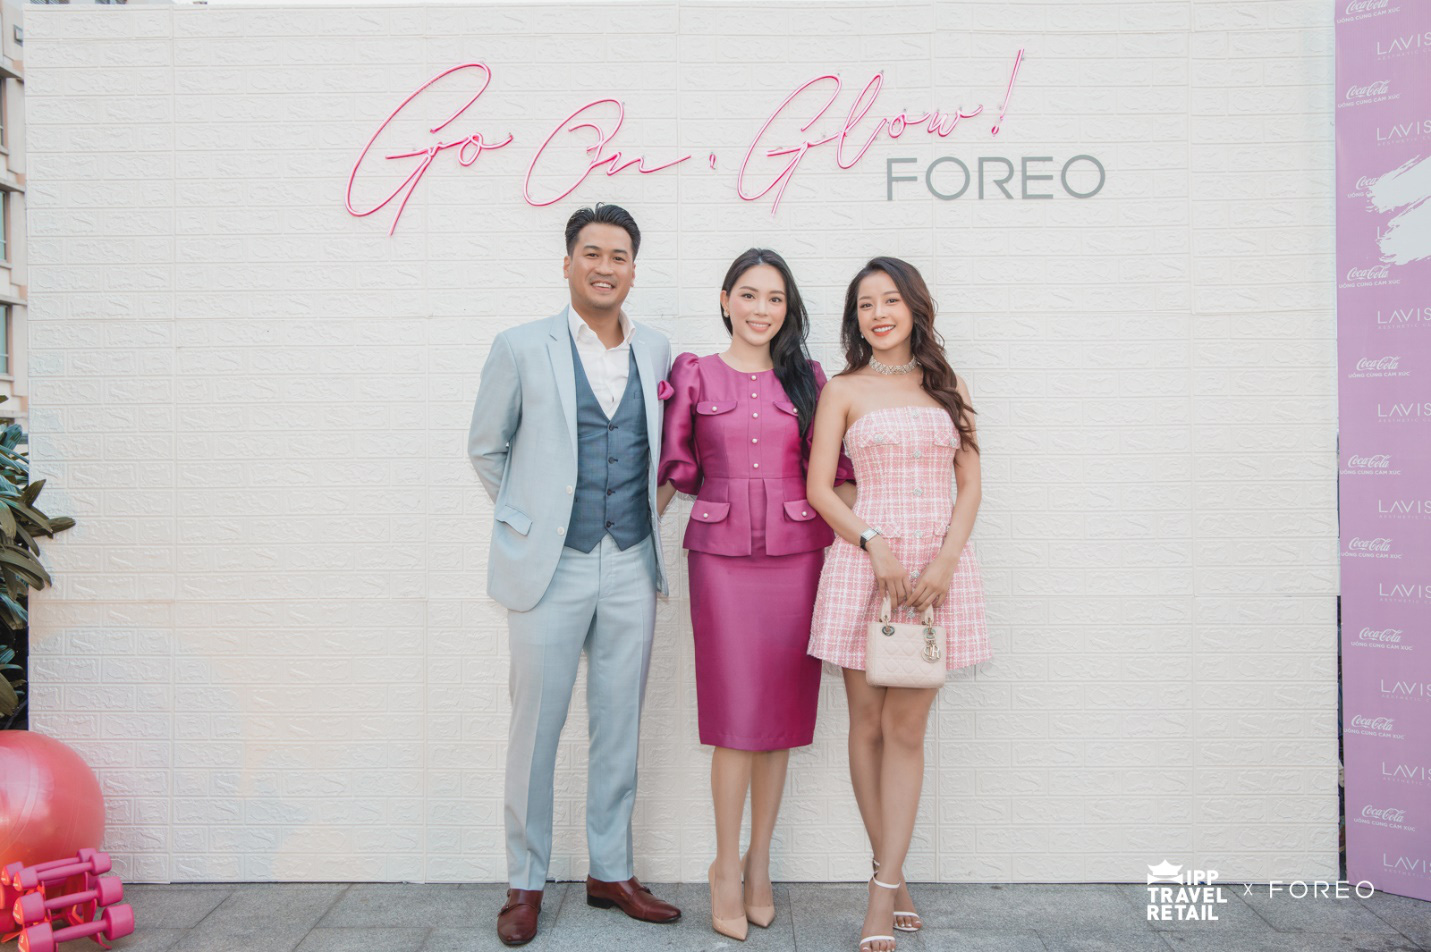 FOREO: Go on, glow! - Buổi họp báo sang chảnh đánh dấu sự hợp tác chính thức giữa FOREO và IPP Travel Retail - Ảnh 1.